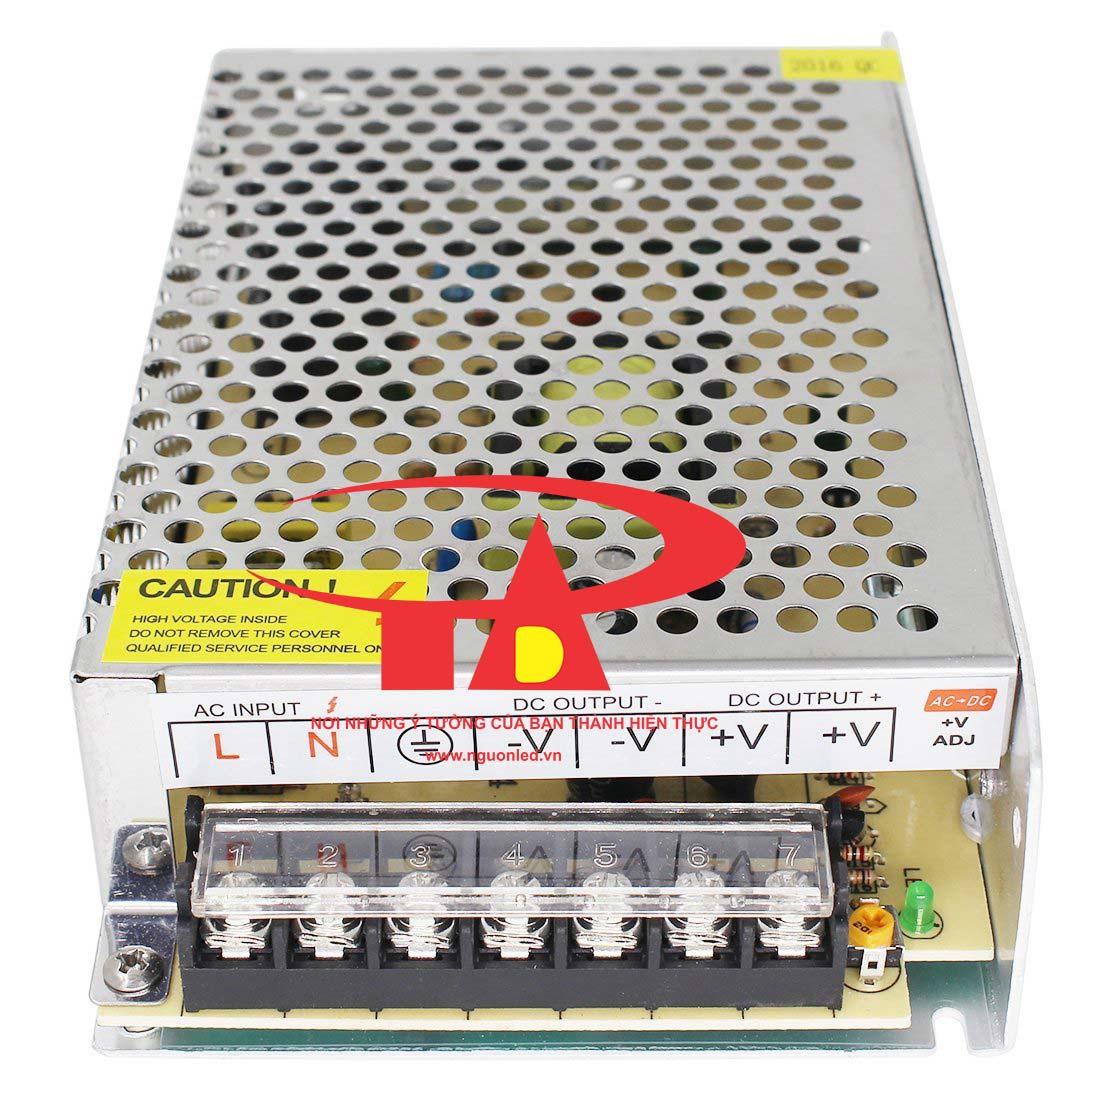 Bộ nguồn DC24V 3A, loại tốt, giá rẻ, đủ ampe, bảo hành 1 năm, nguonled.vn